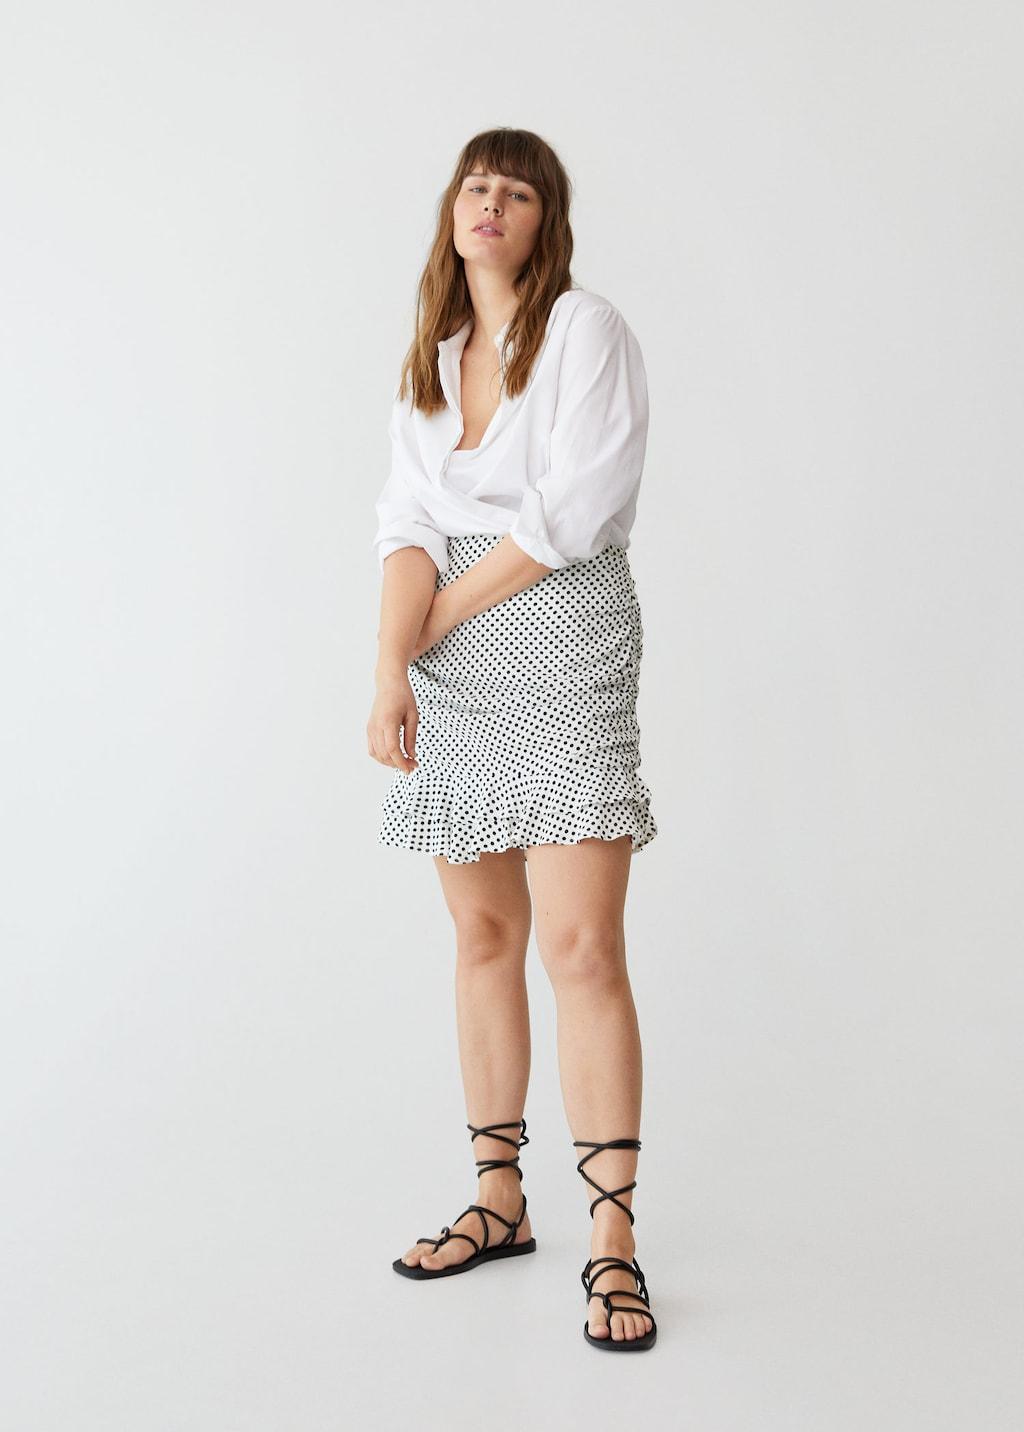 Mini-jupe froncée à volants et imprimé pois, Violeta by Mango, 39,99€.